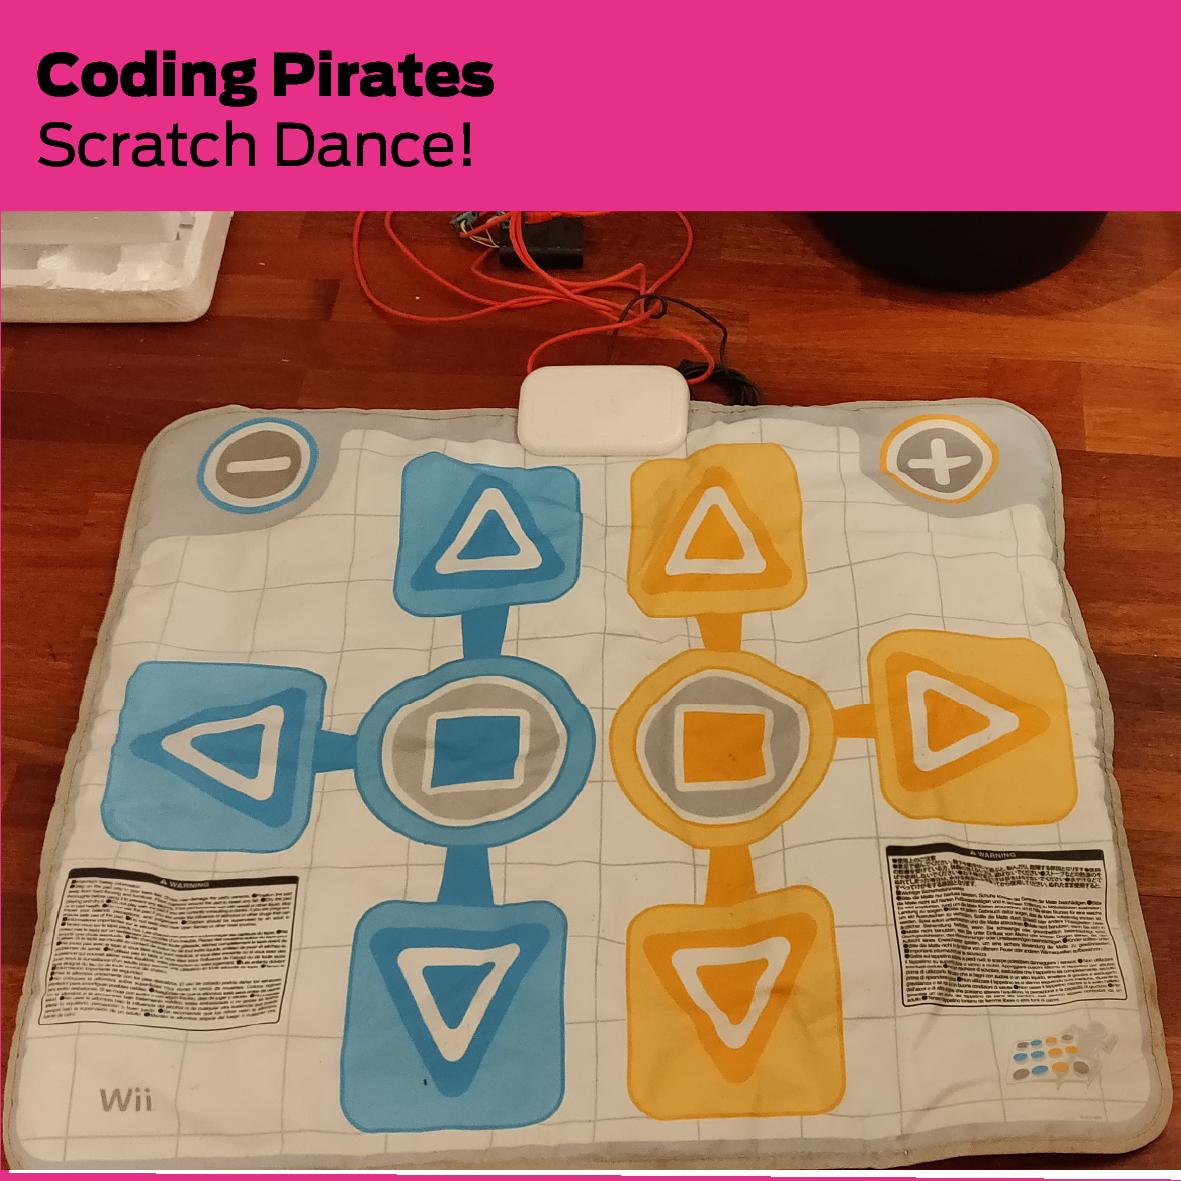 Coding Pirates: Scratch Dance!